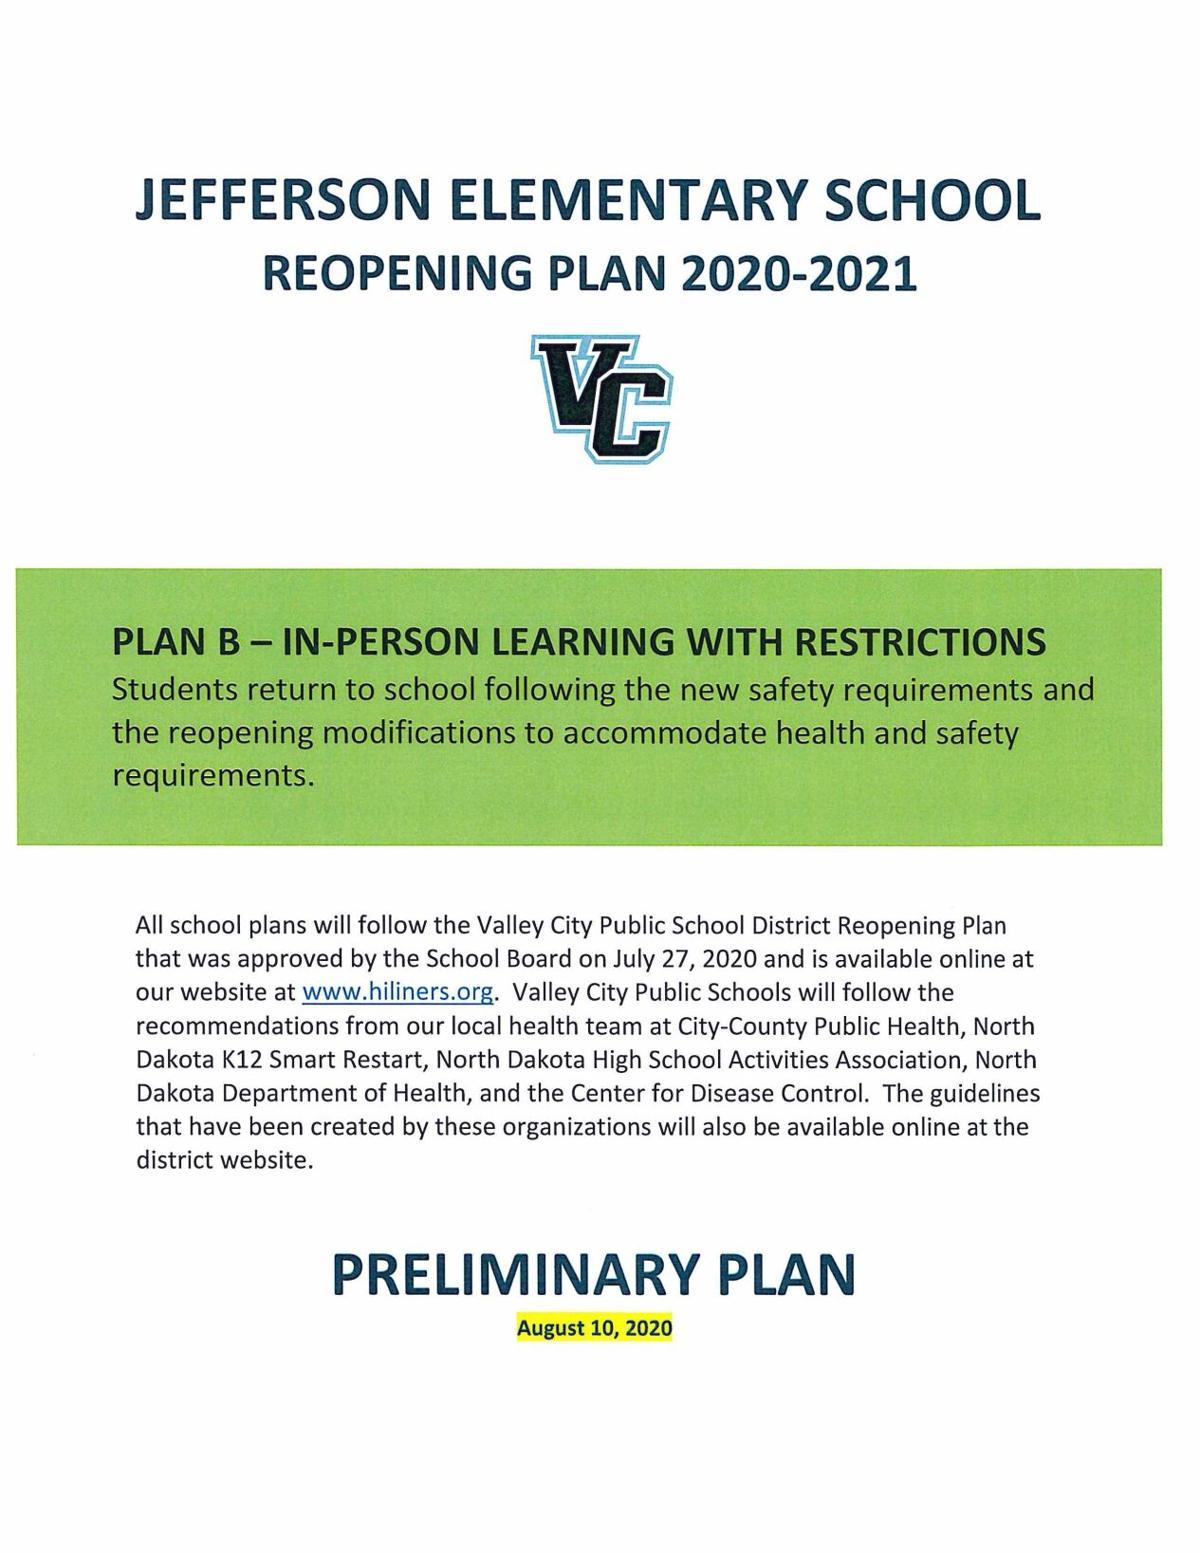 Jefferson Plan_Page_1.jpg